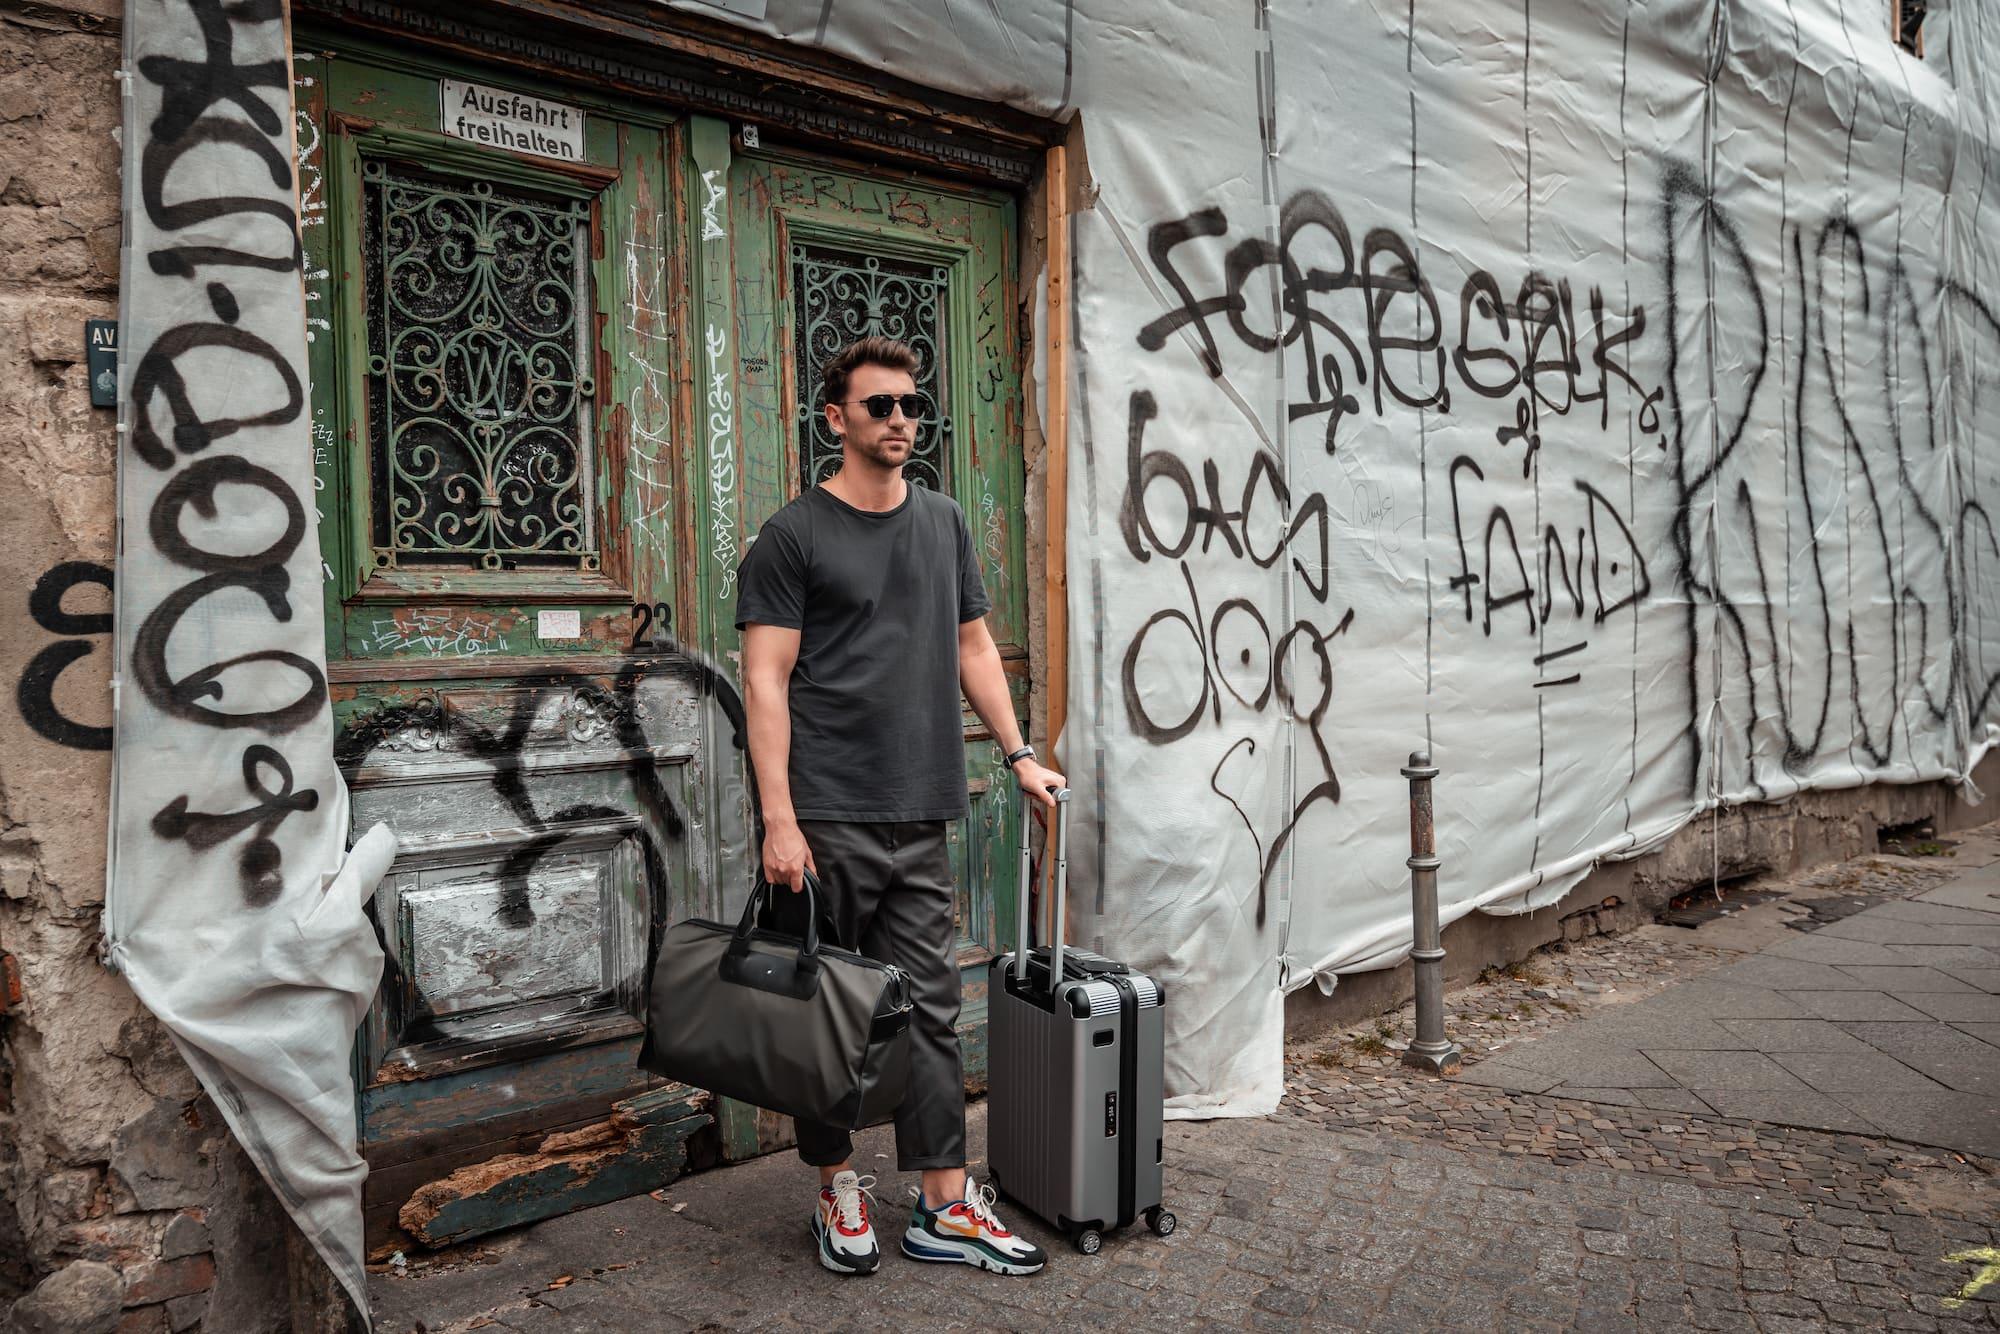 Inspiring Clash mit Paul Schrader: Vom erfolgreichen Juristen zum gefragten Künstler 7